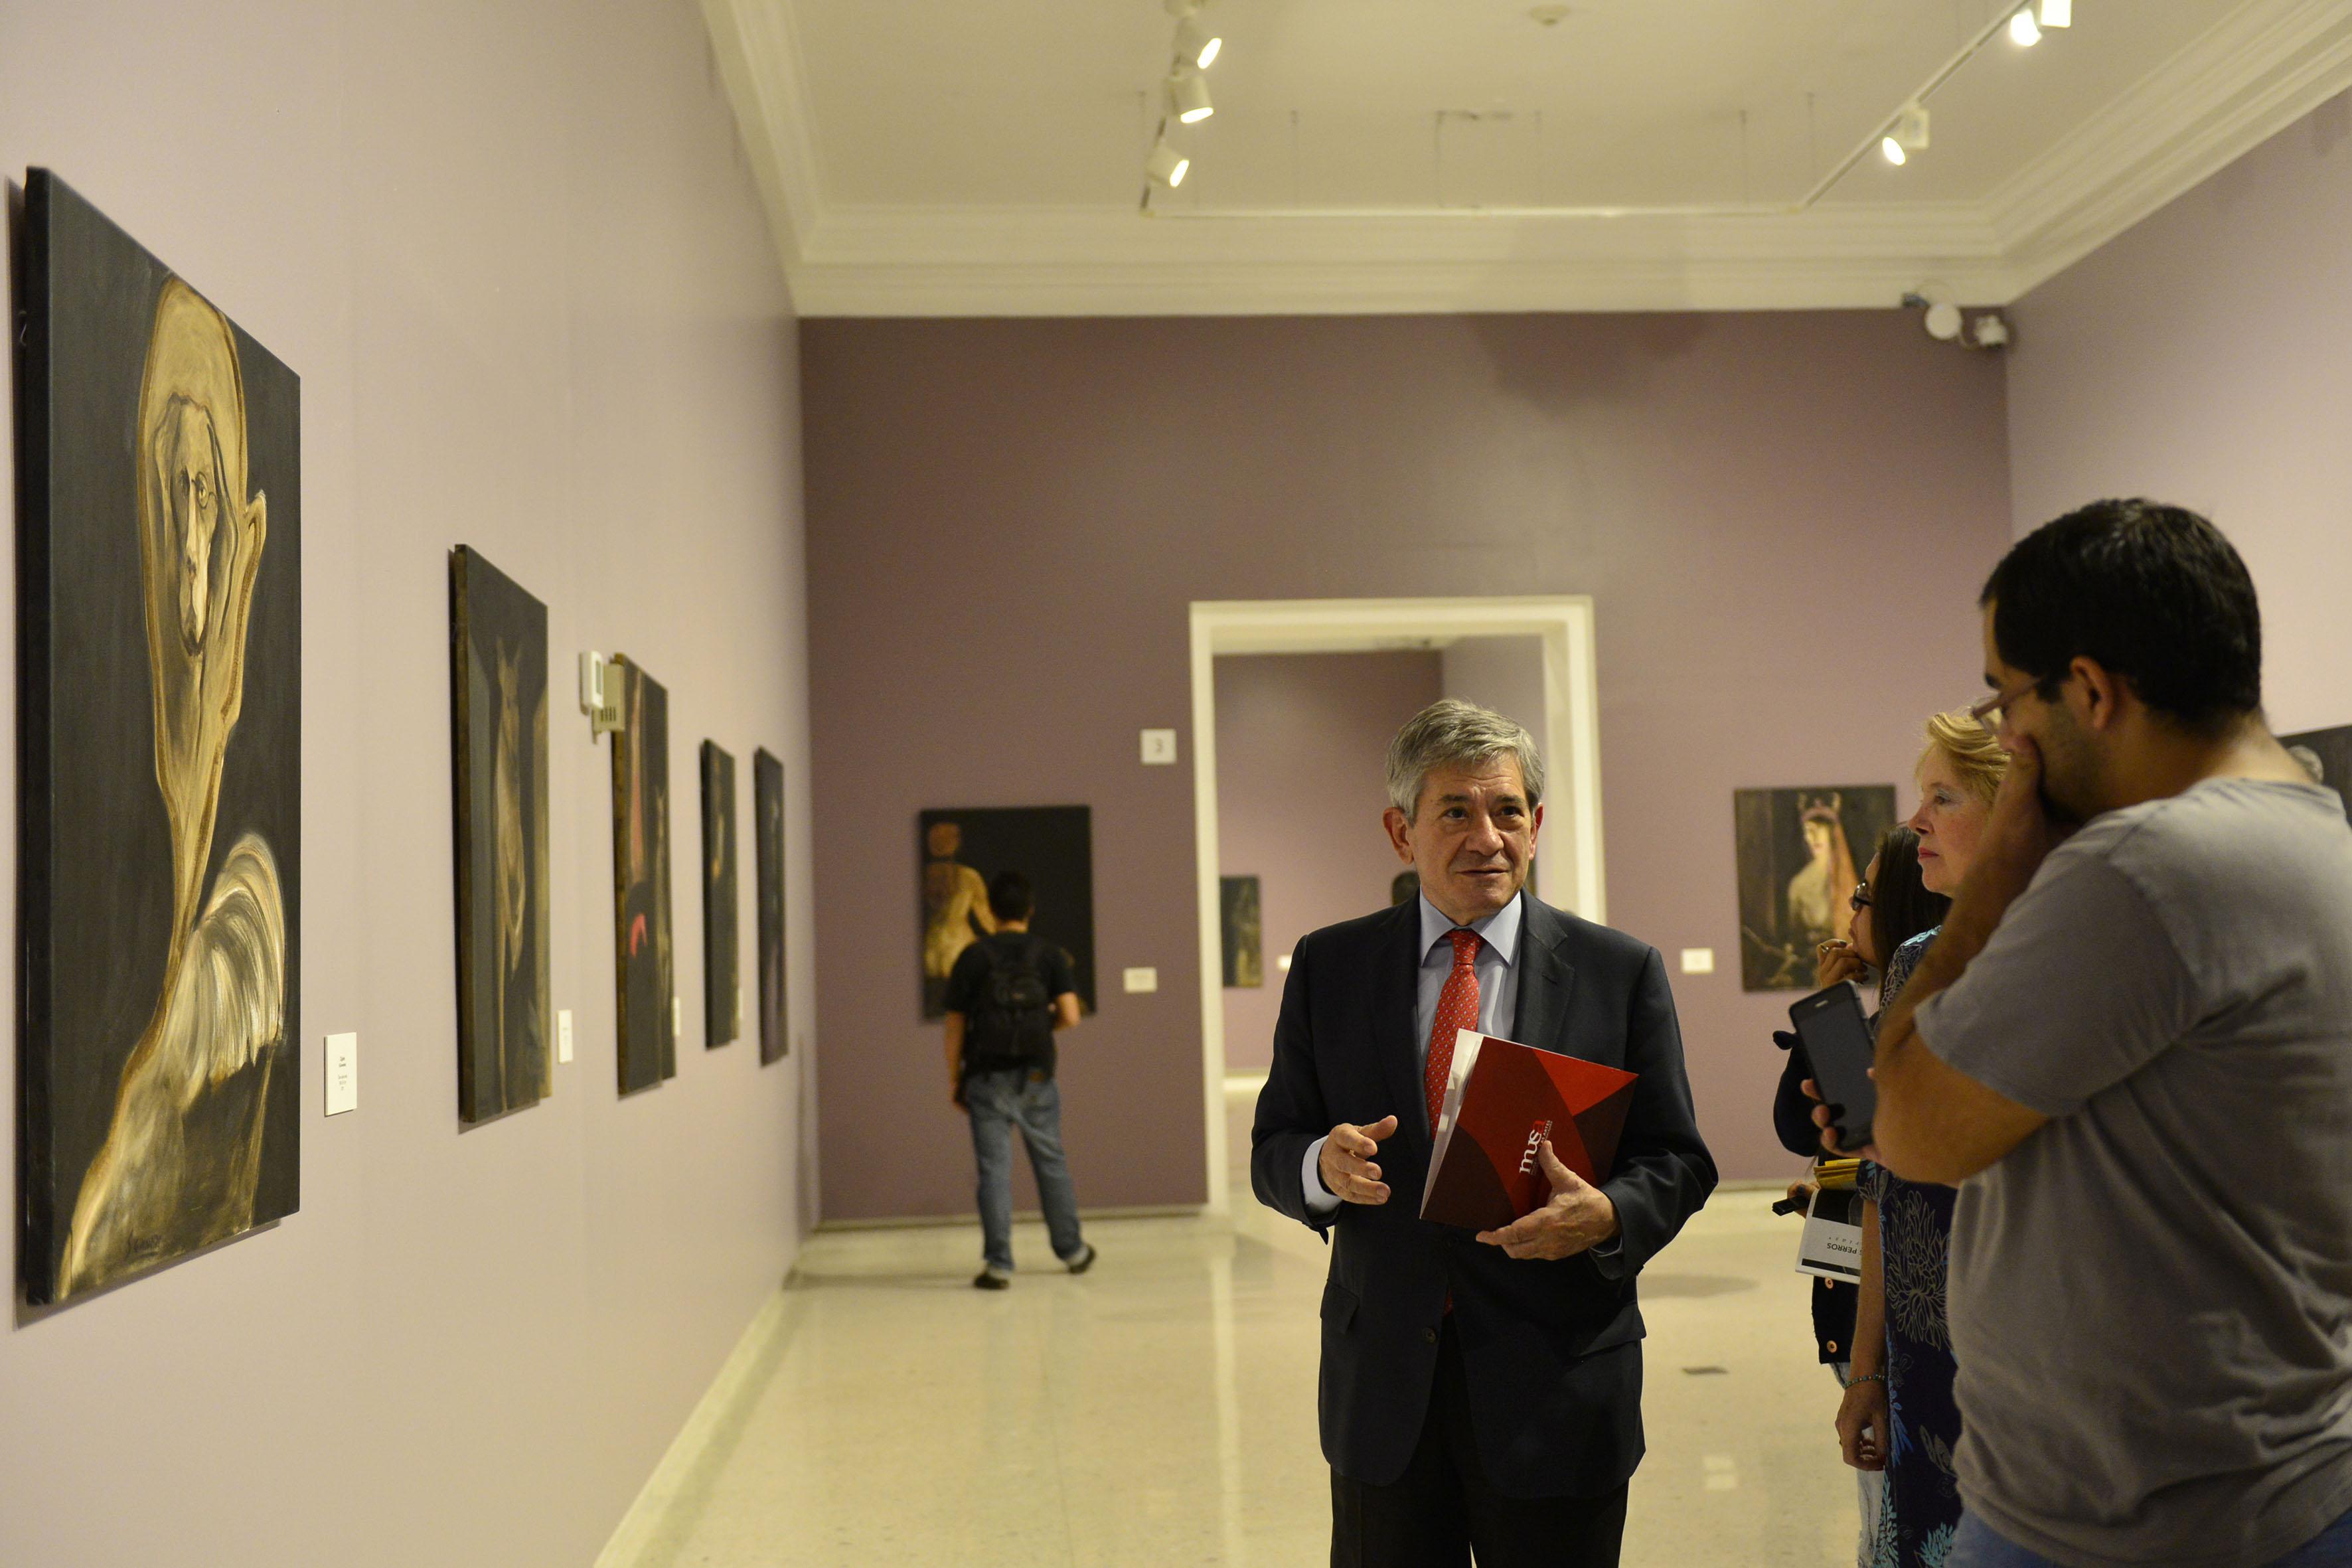 Viudo de la pintora, Enrique Barón Crespo, dando a conocer la exposición: Coloquio de Perros; a reporteros de la prensa, durante recorrido a los salones del Musa.